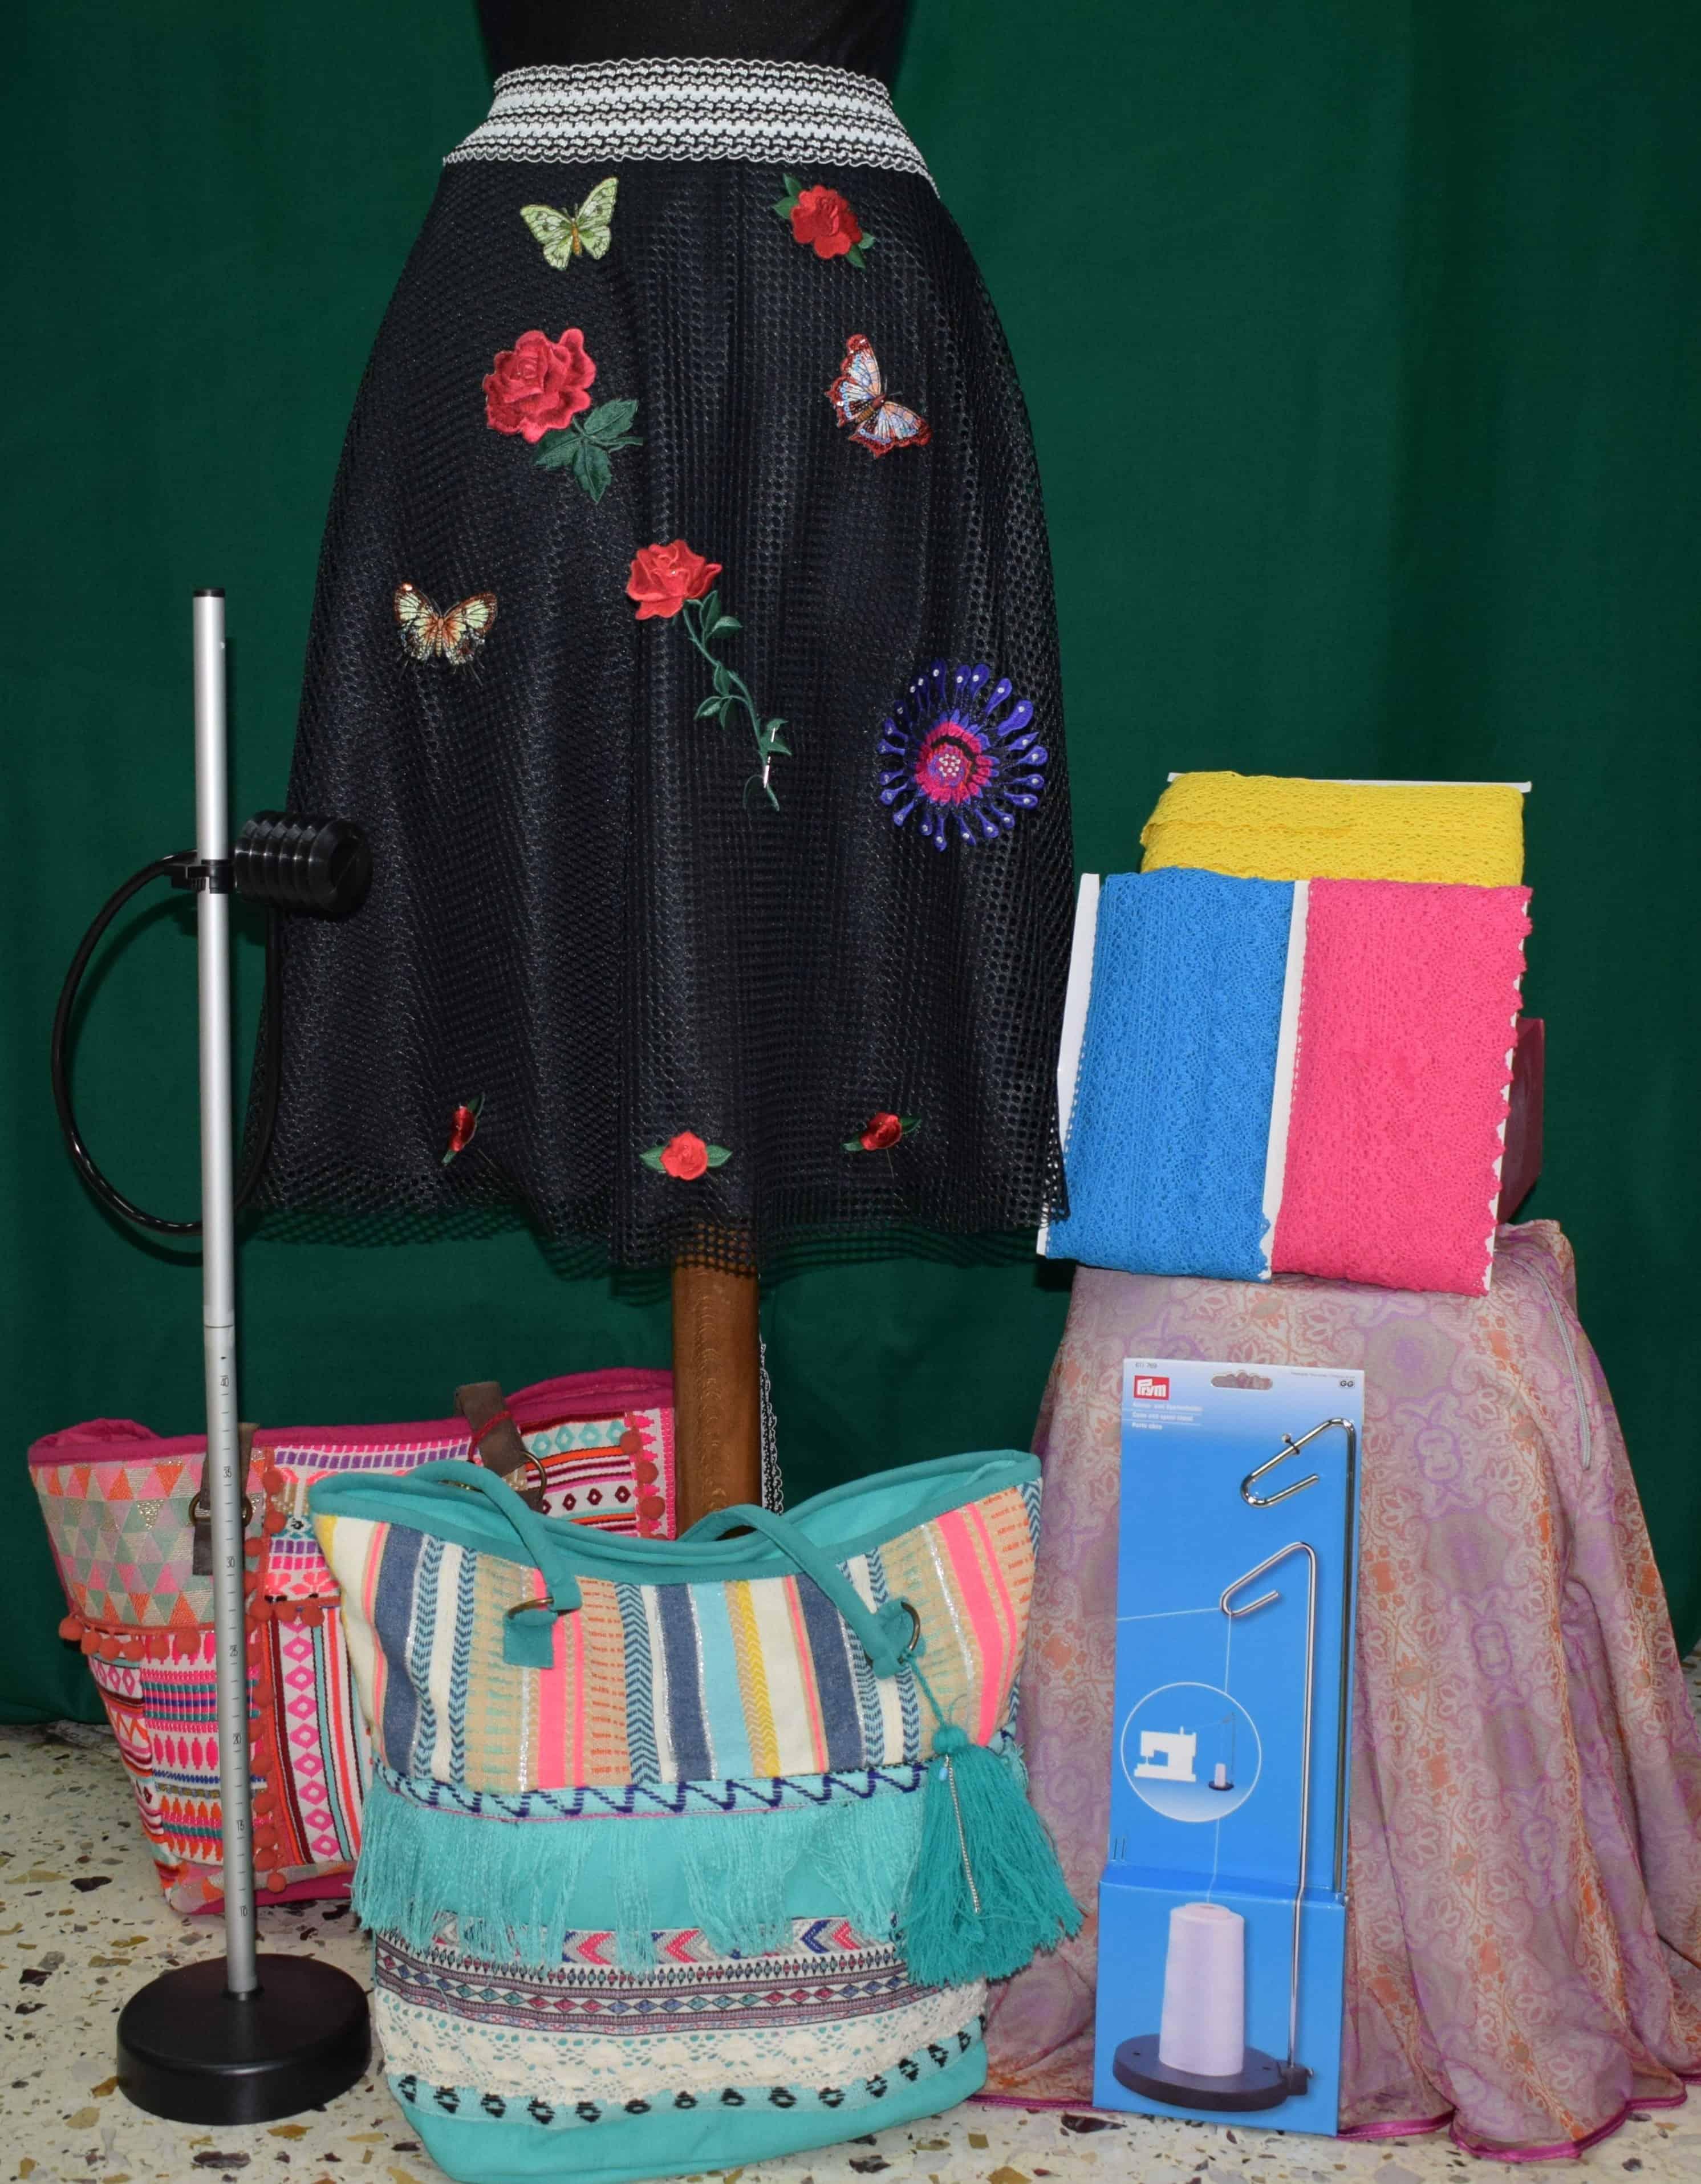 Κακλαμάνης - Μαρία Τζαβάρα: Υλικά ραπτικής & πλεξίματος από το 1950 8